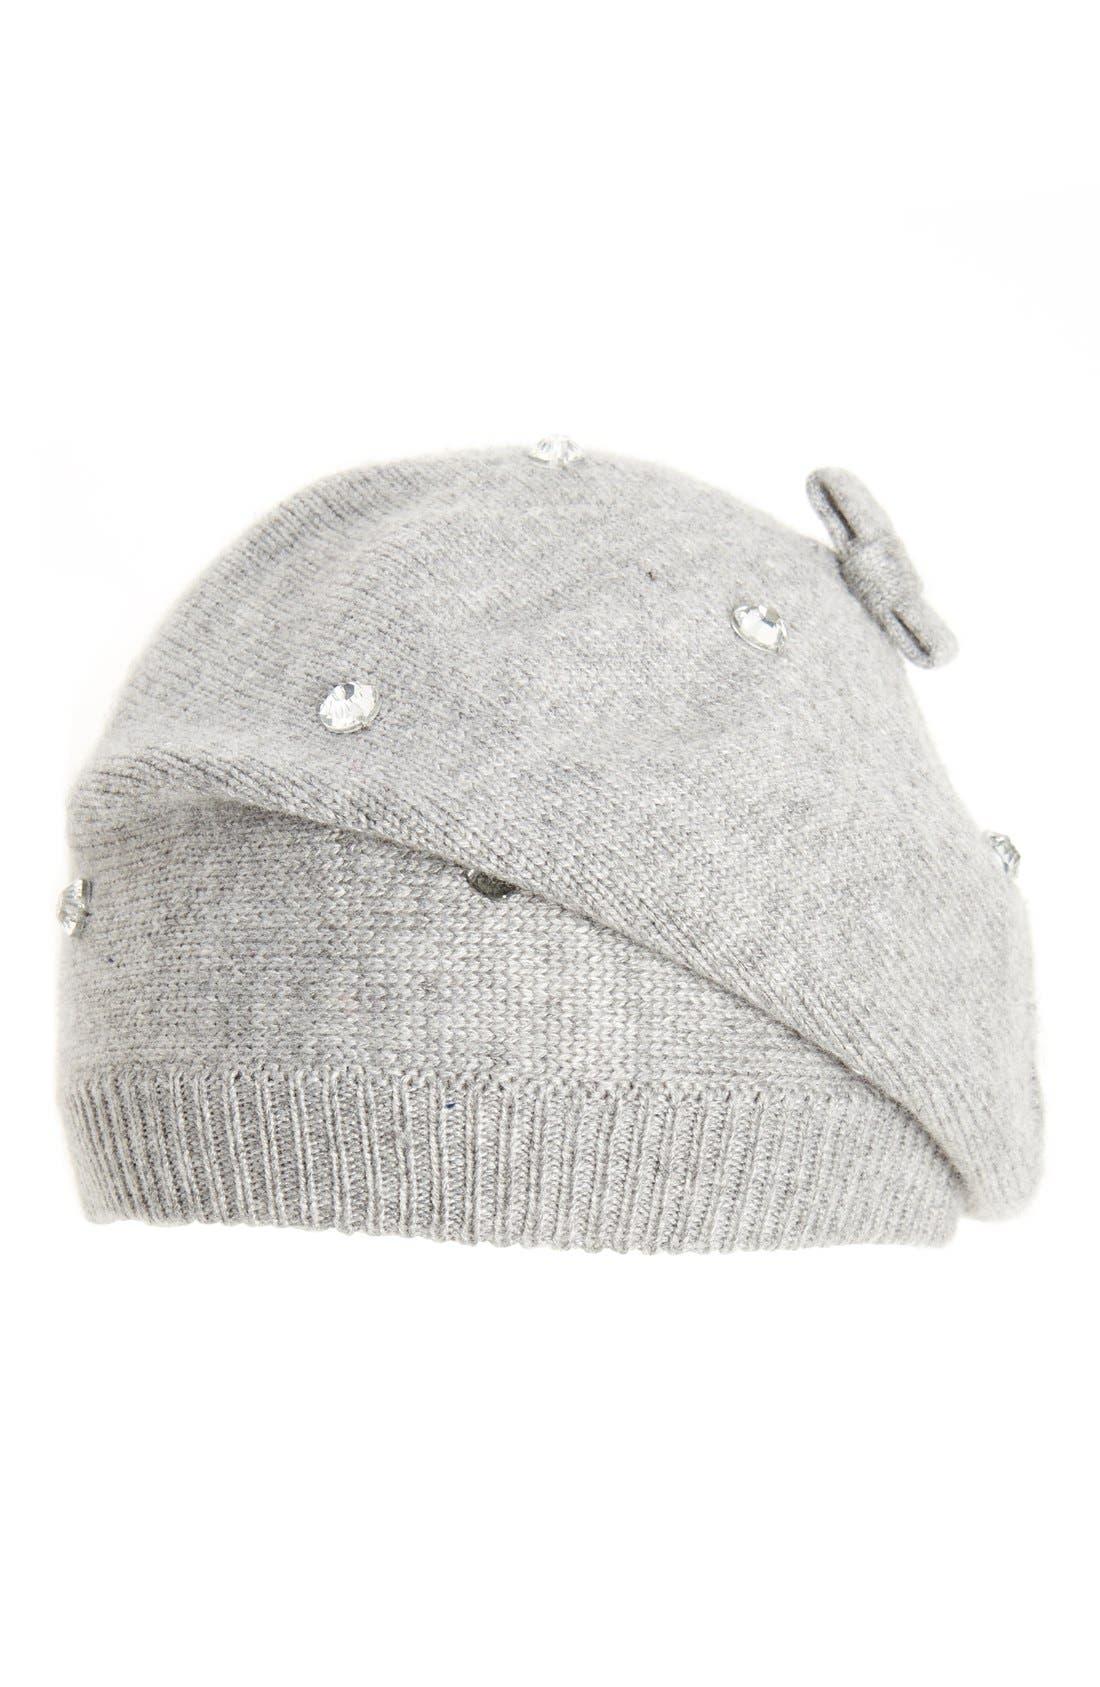 Alternate Image 1 Selected - kate spade new york crystal embellished beret